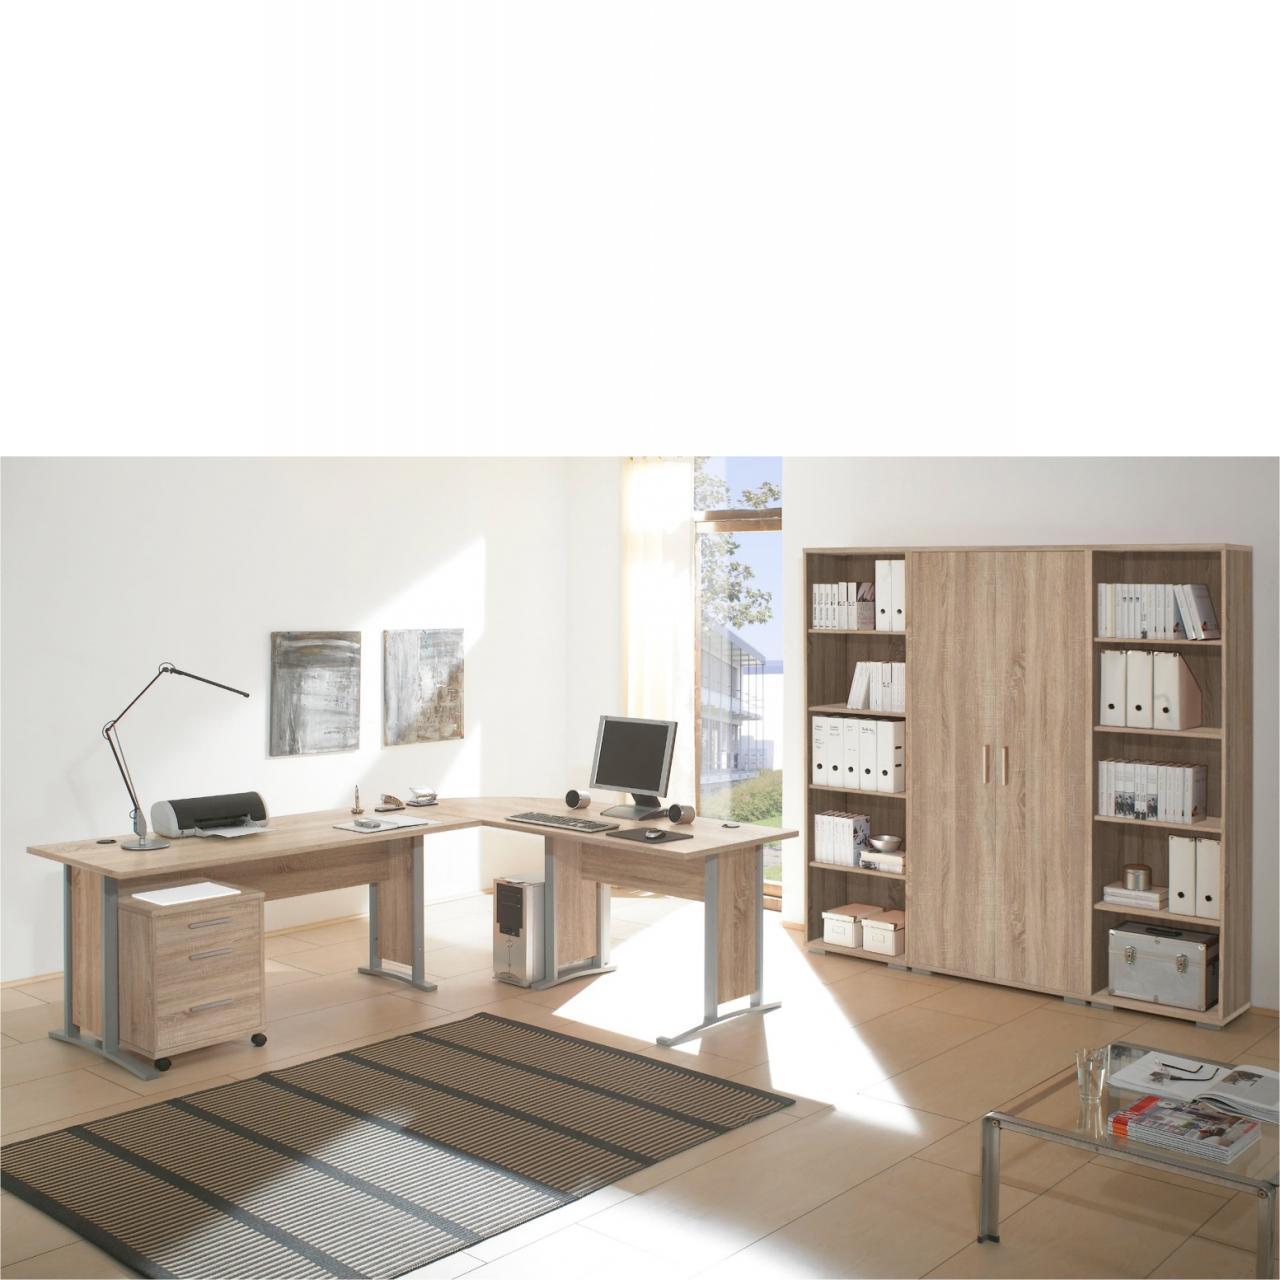 Regalwand Office Line - Sonoma Dekor